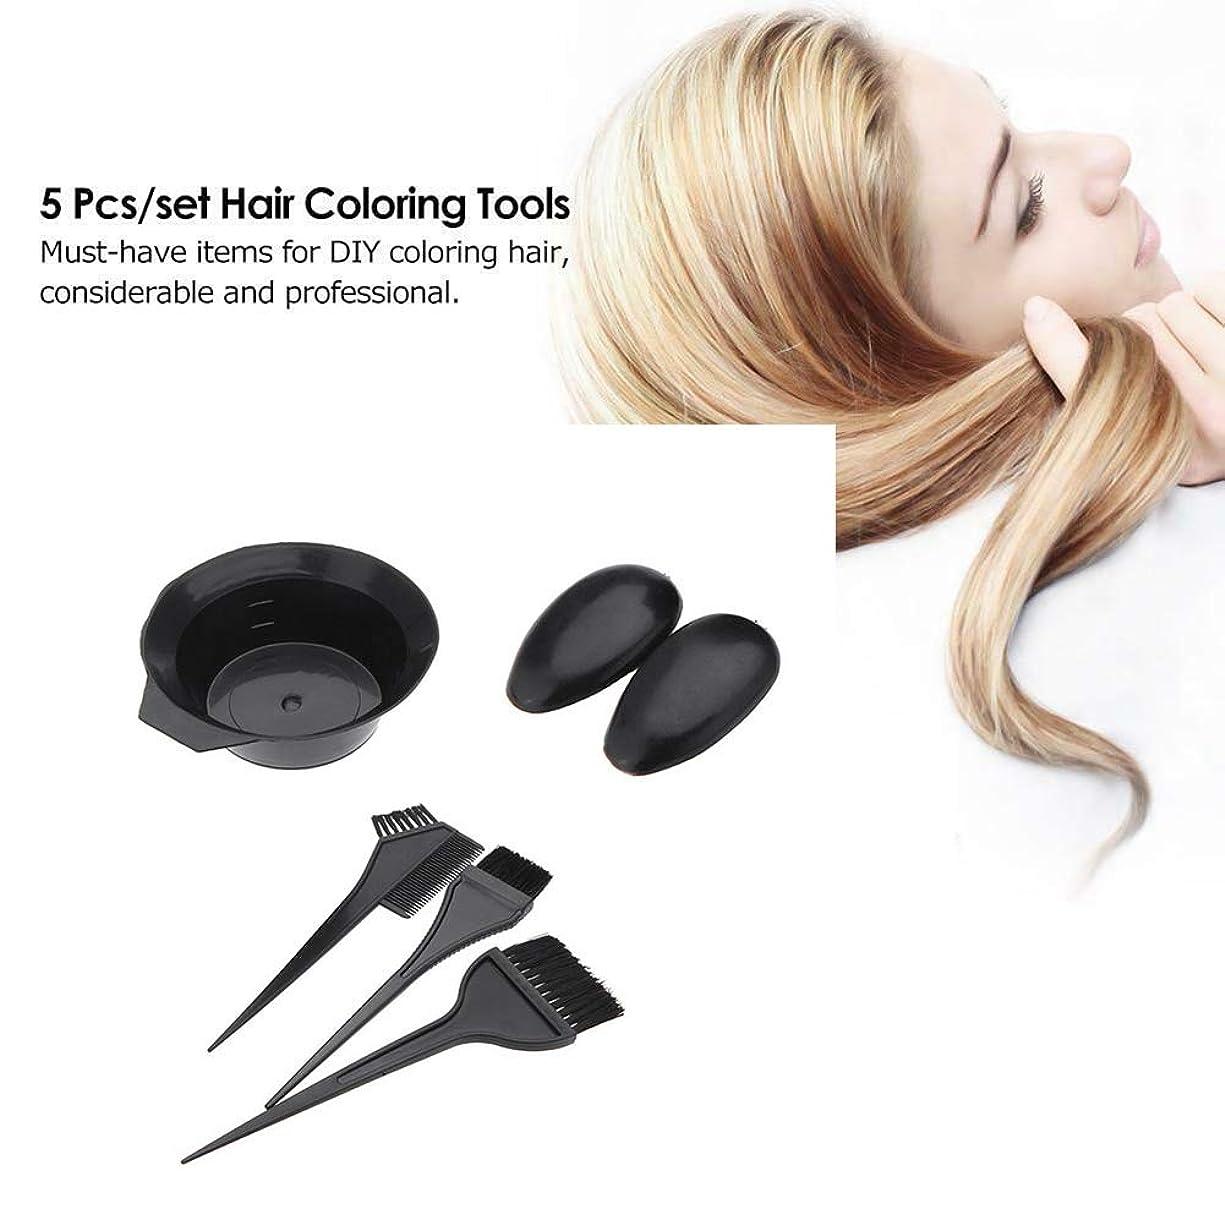 ガム案件工場ヘア染色セットキット5ピース - diyプロフェッショナルヘアダイカラーミキシングボウルブラシ&くし - 黒理髪美容ツールアプリケーター色合い